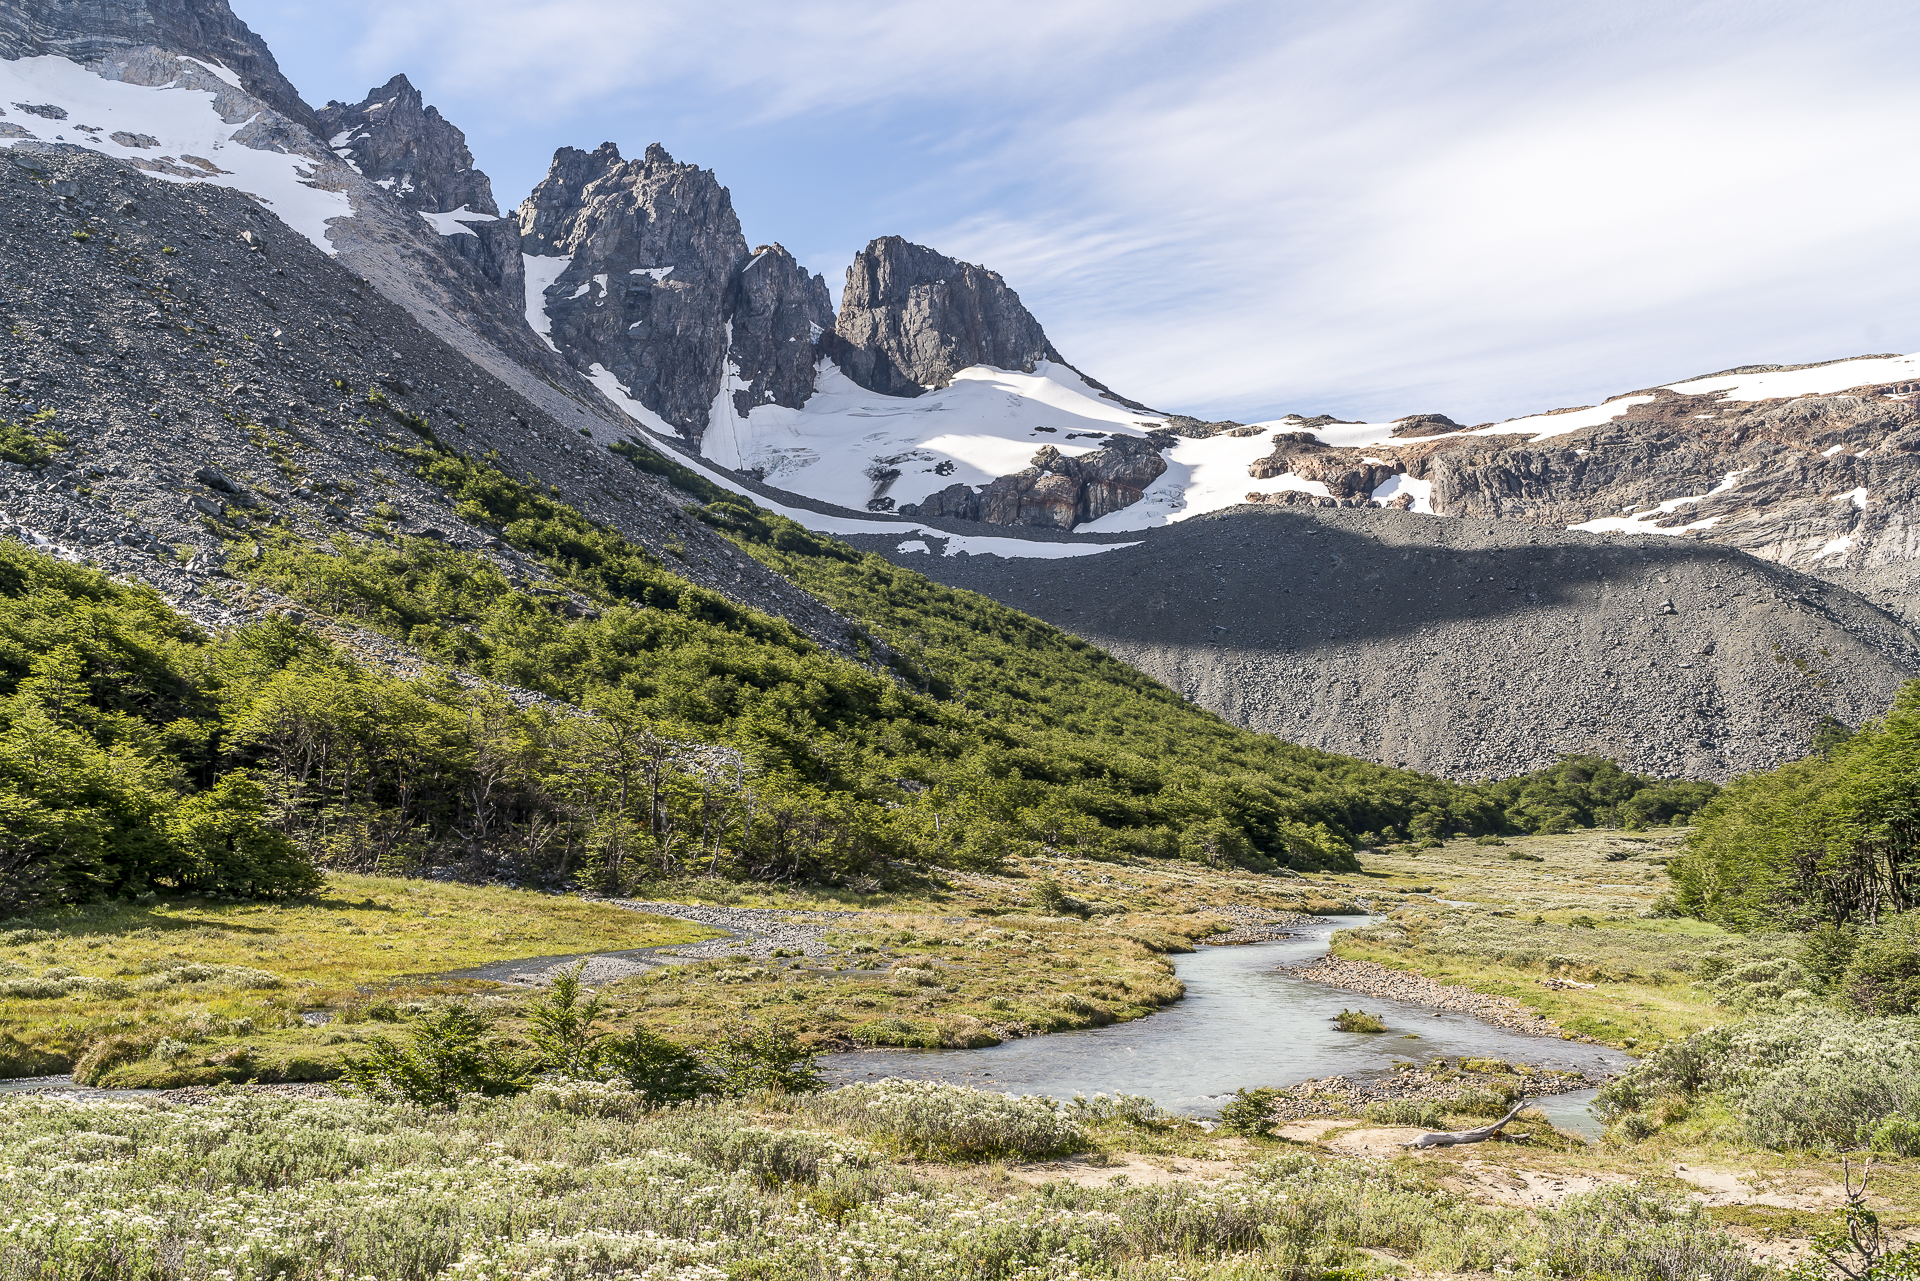 Campamento Neozelandes Landschaft